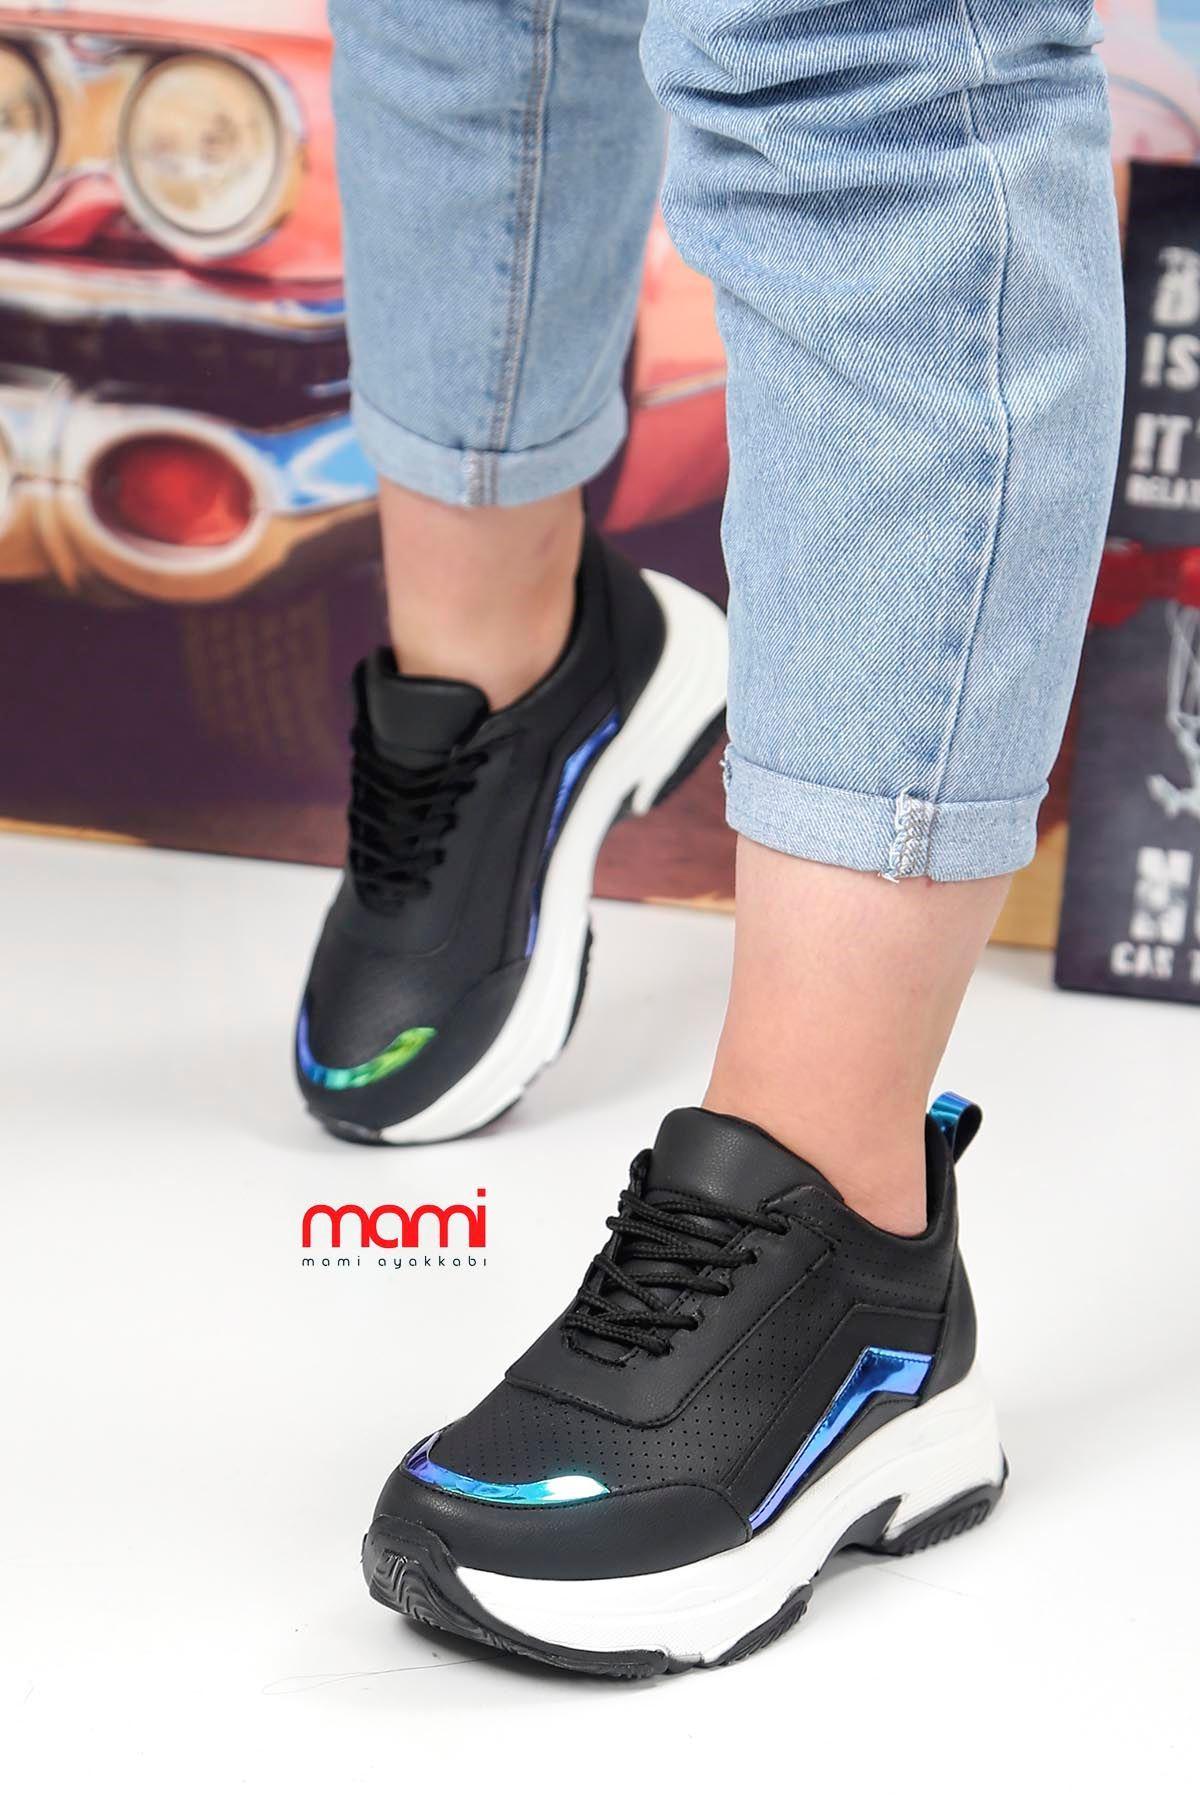 Frm-5386 Tabanlı Spor Ayakkabı Siyah Deri